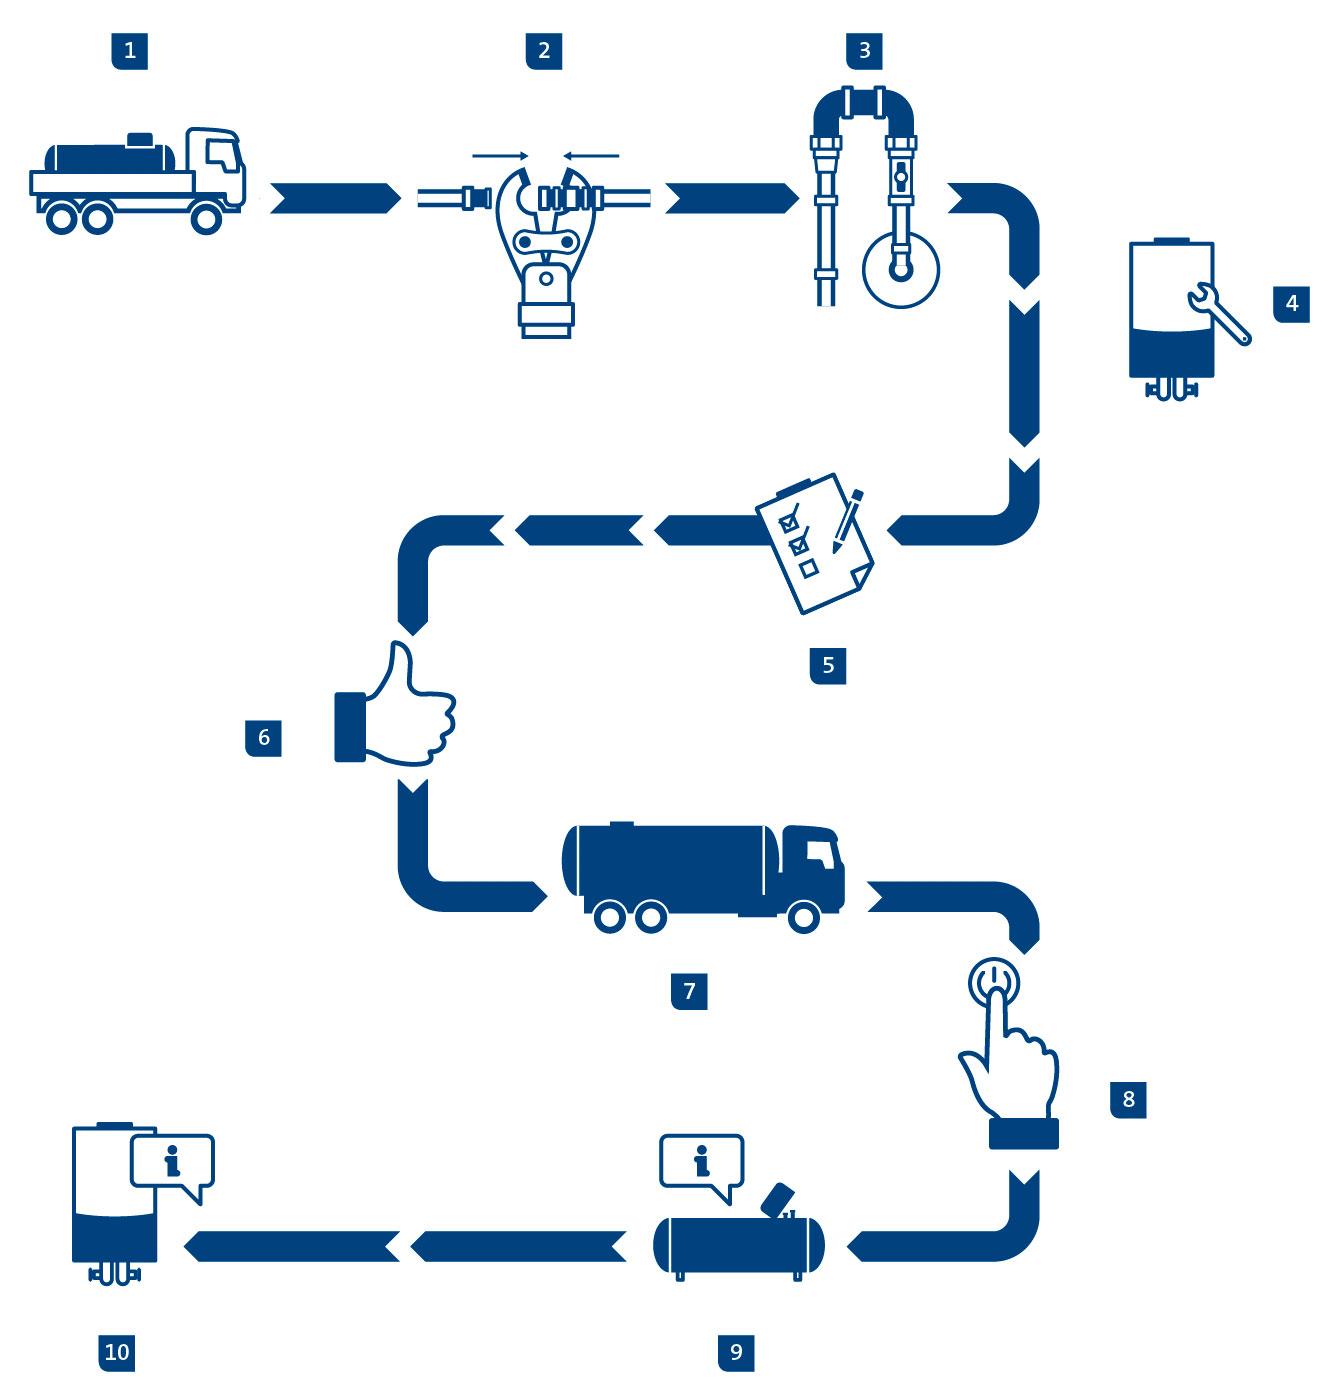 Schaubild: Ablauf der Installation und Inbetriebnahme einer Flüssiggasanlage